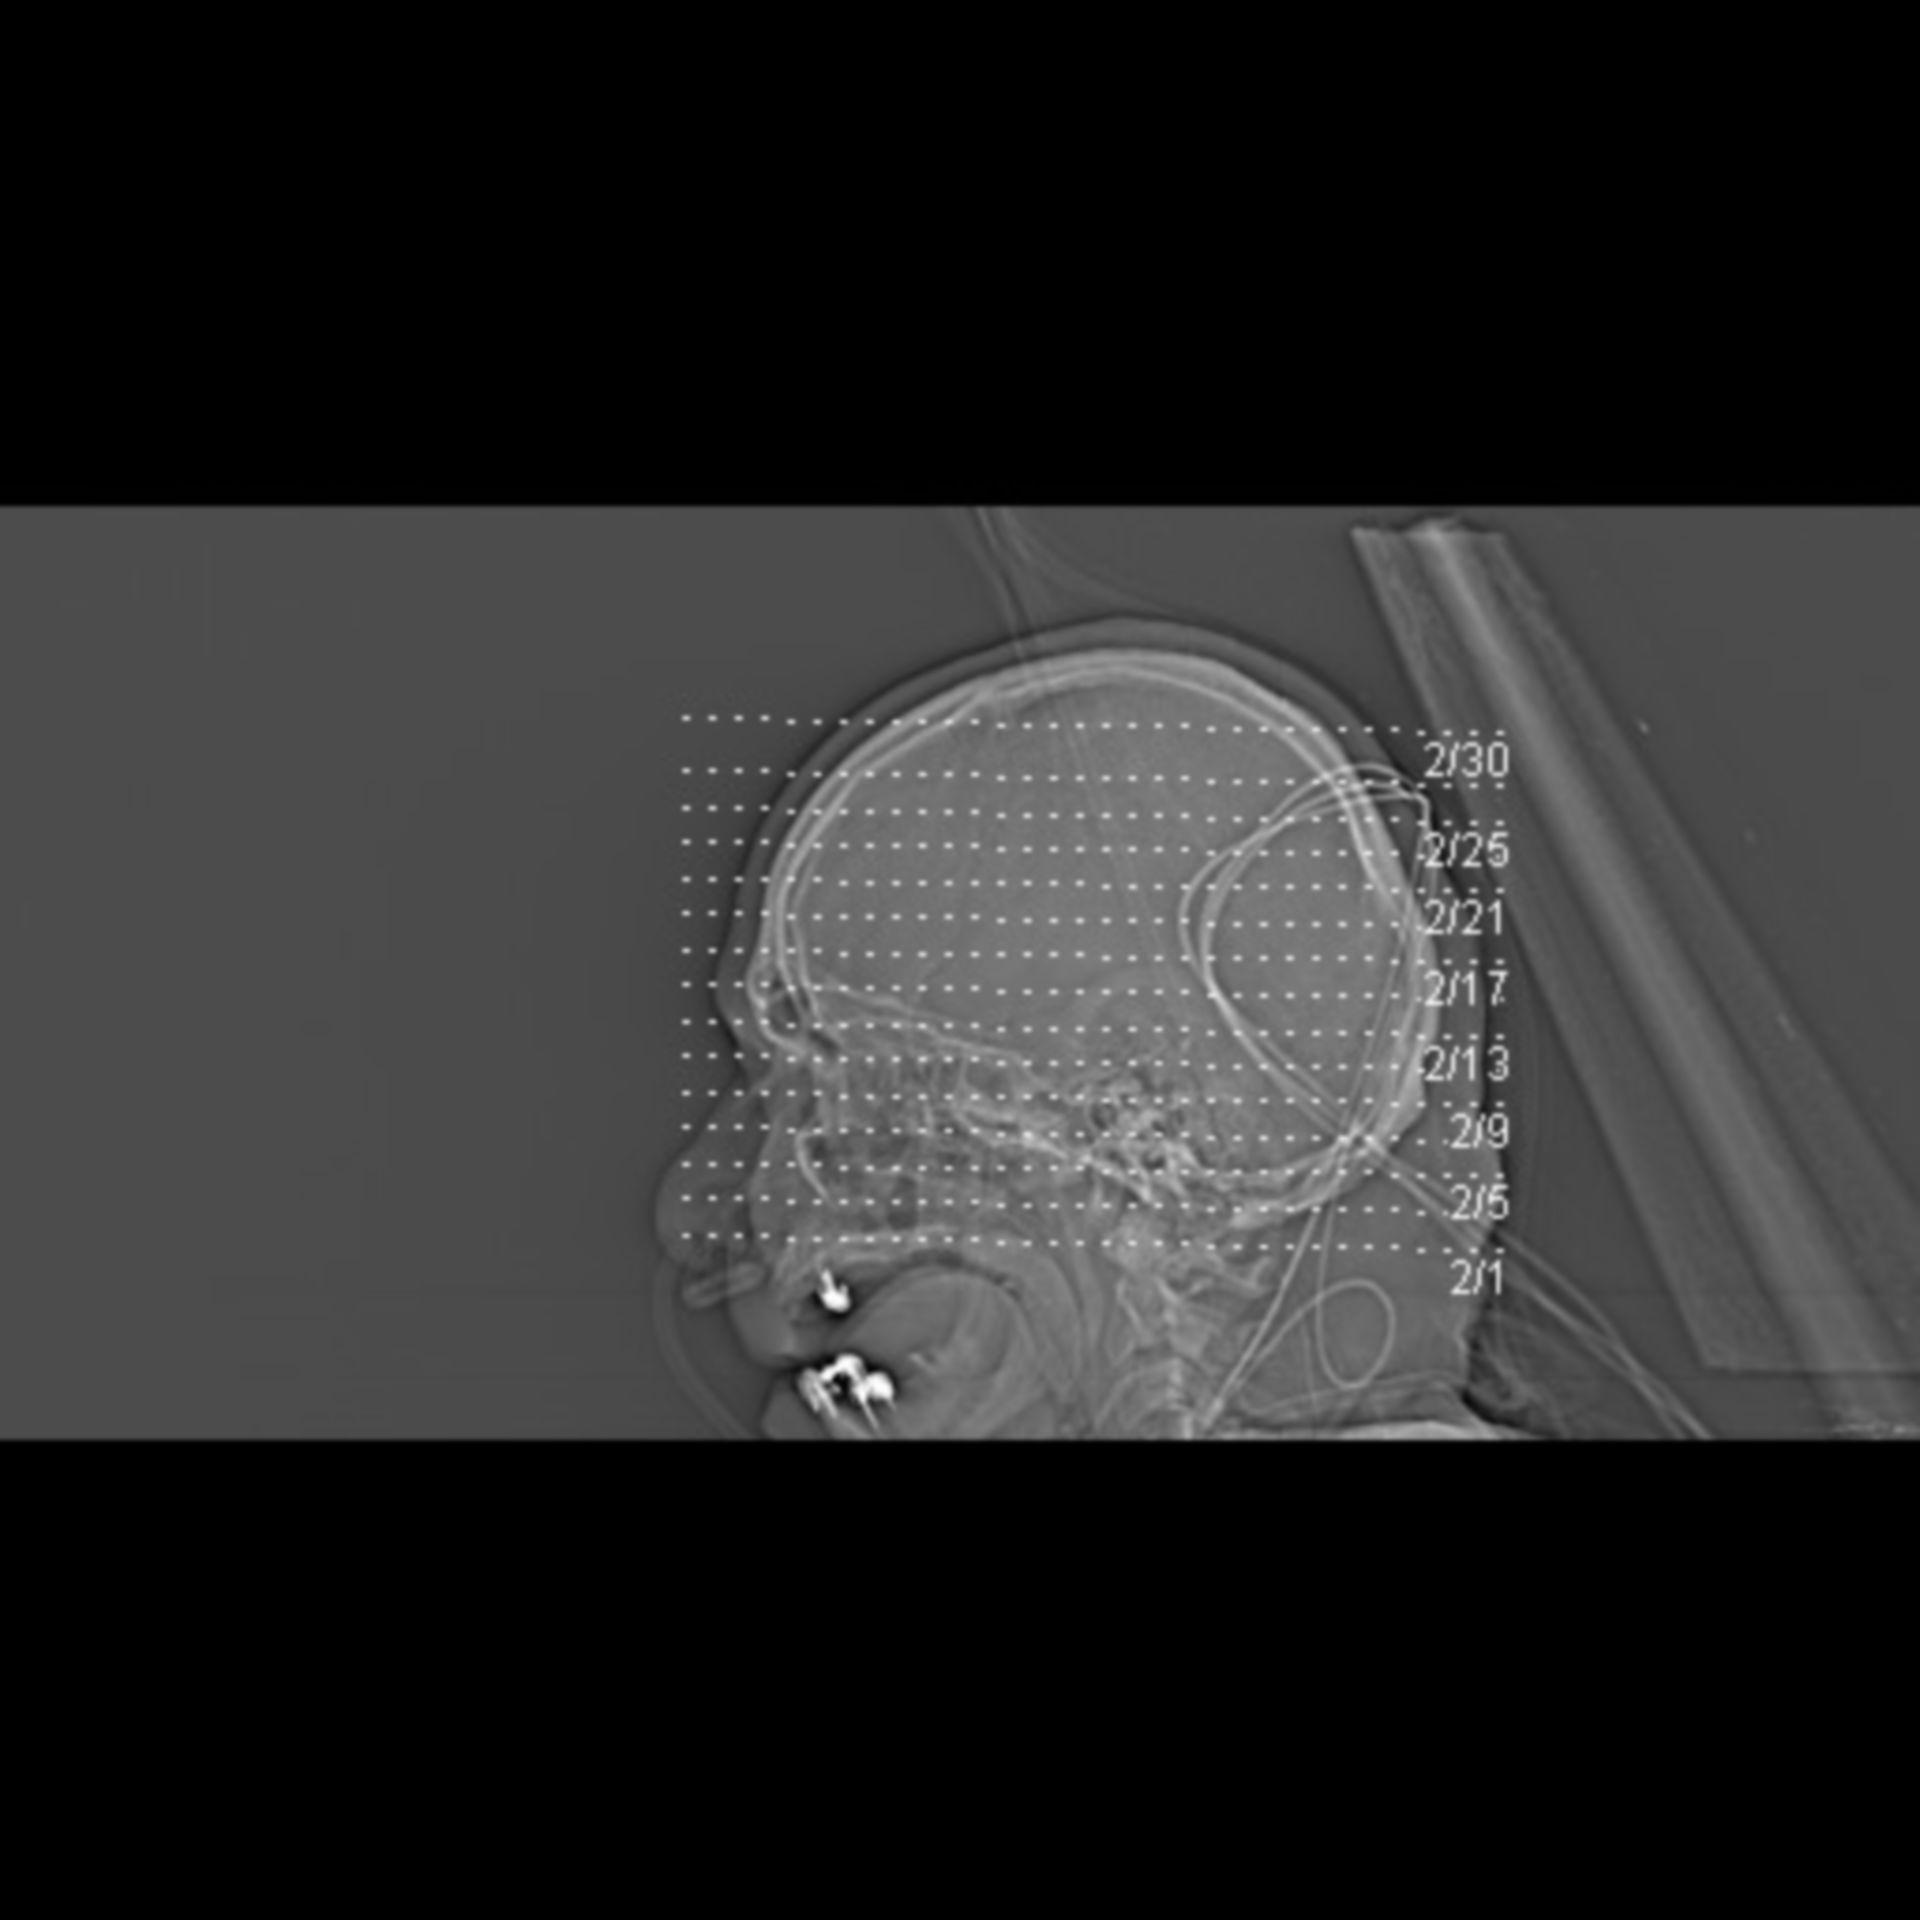 Gehirnblutung+Pneumonie 2